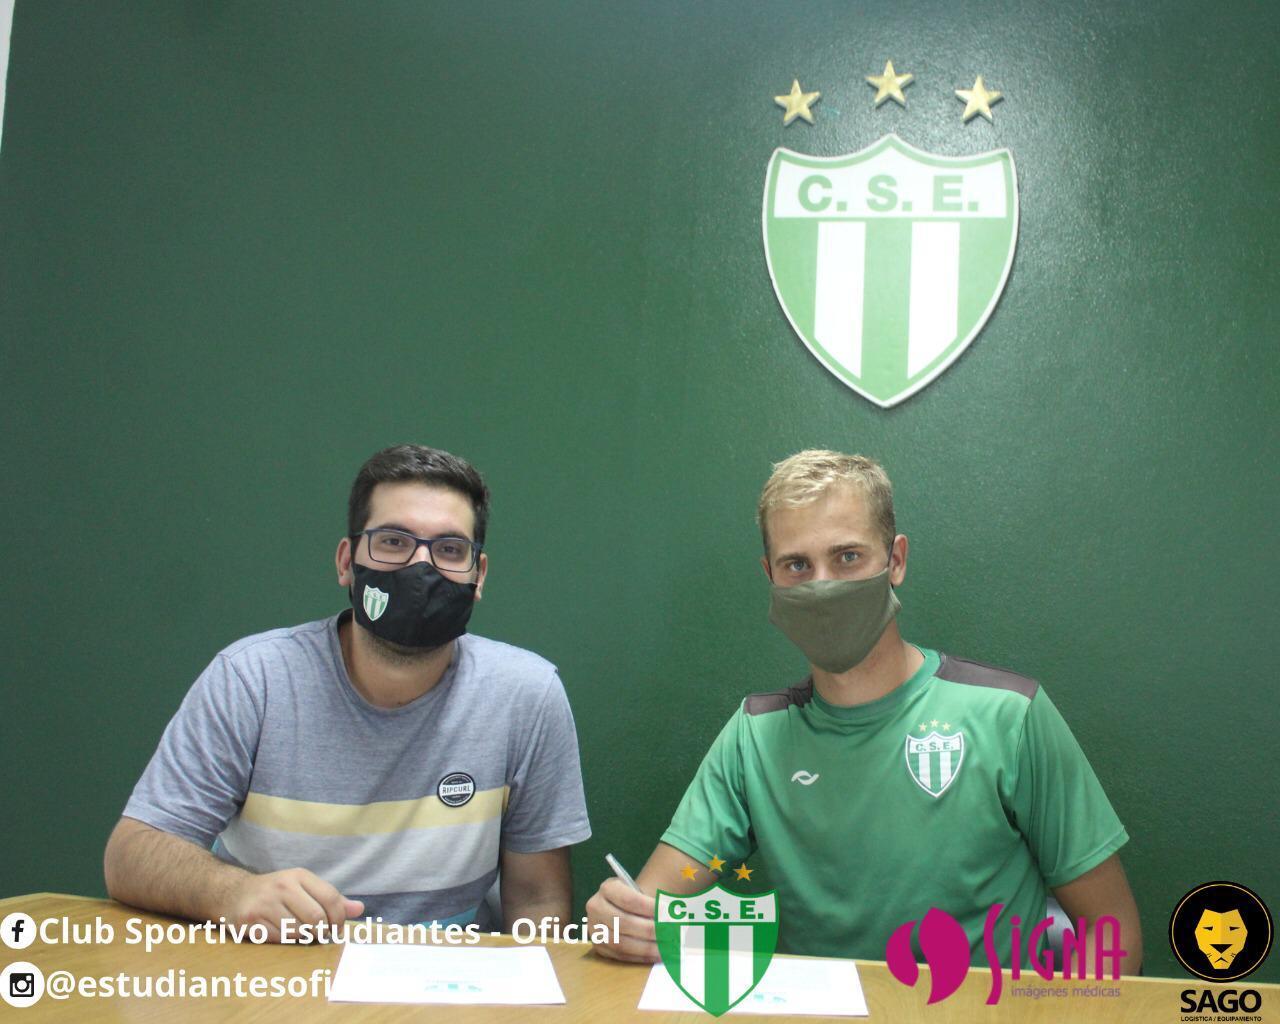 El delantero centro Federico Vasilchik ficha por Estudiantes de San Luis porcedente del Giarre Calcio de la Eccellenza de Italia.